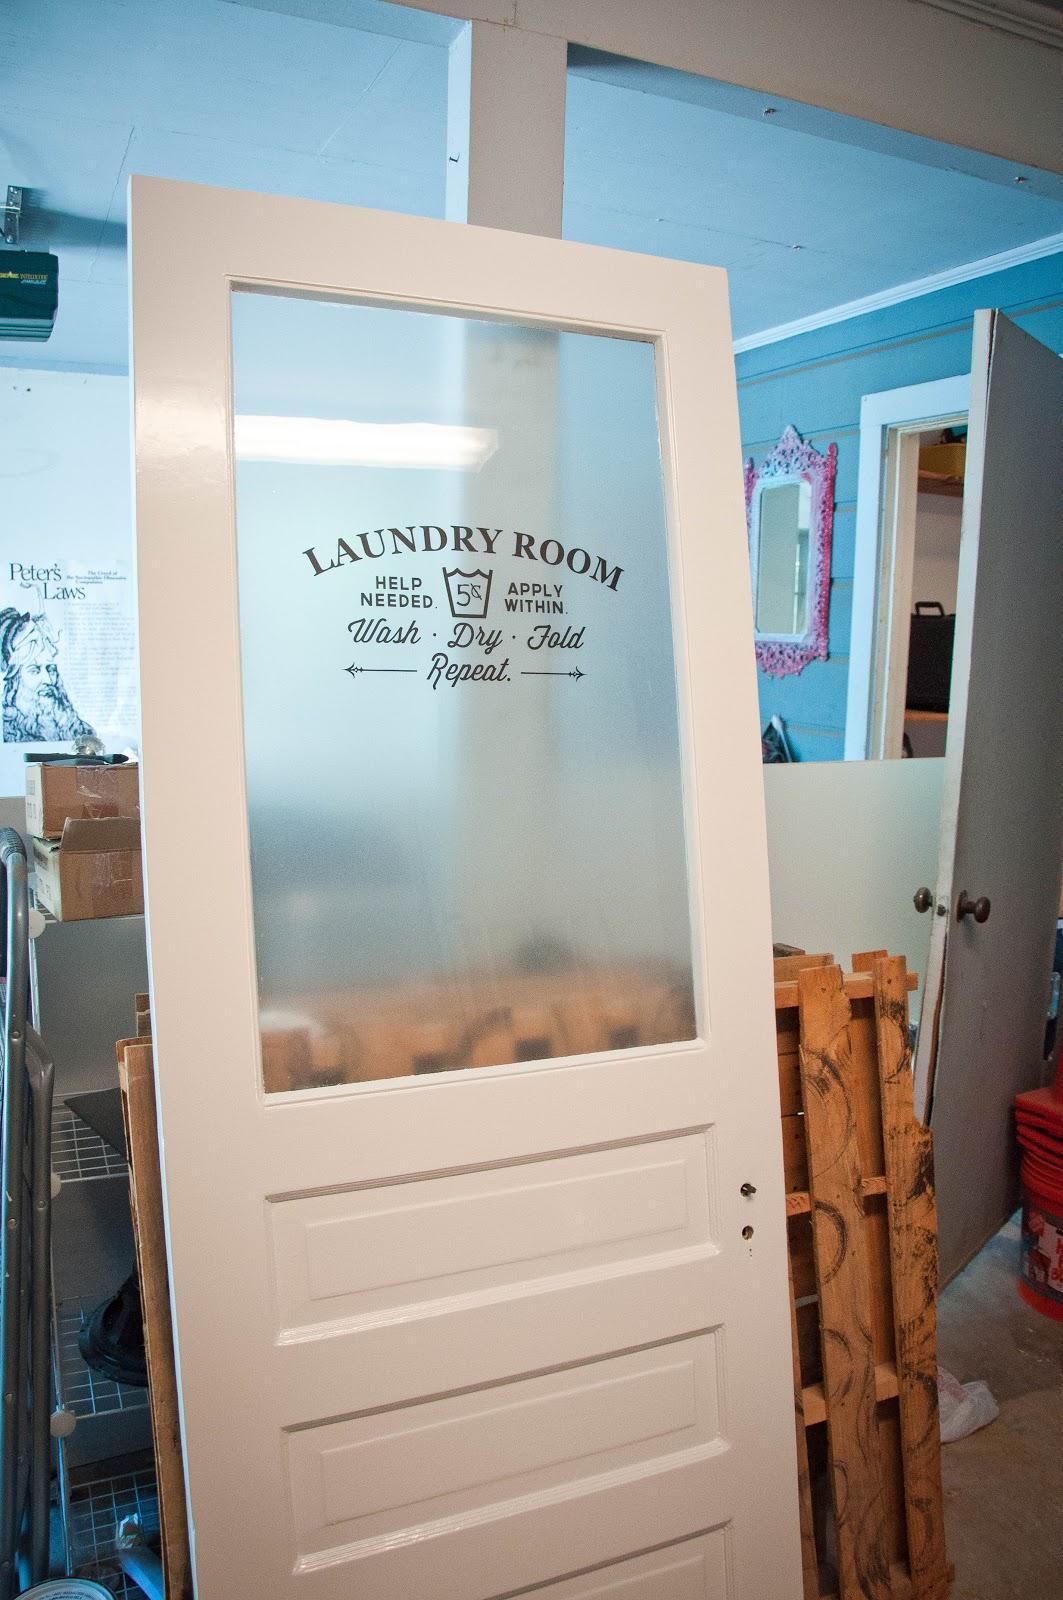 Laundry Room Door Part 2